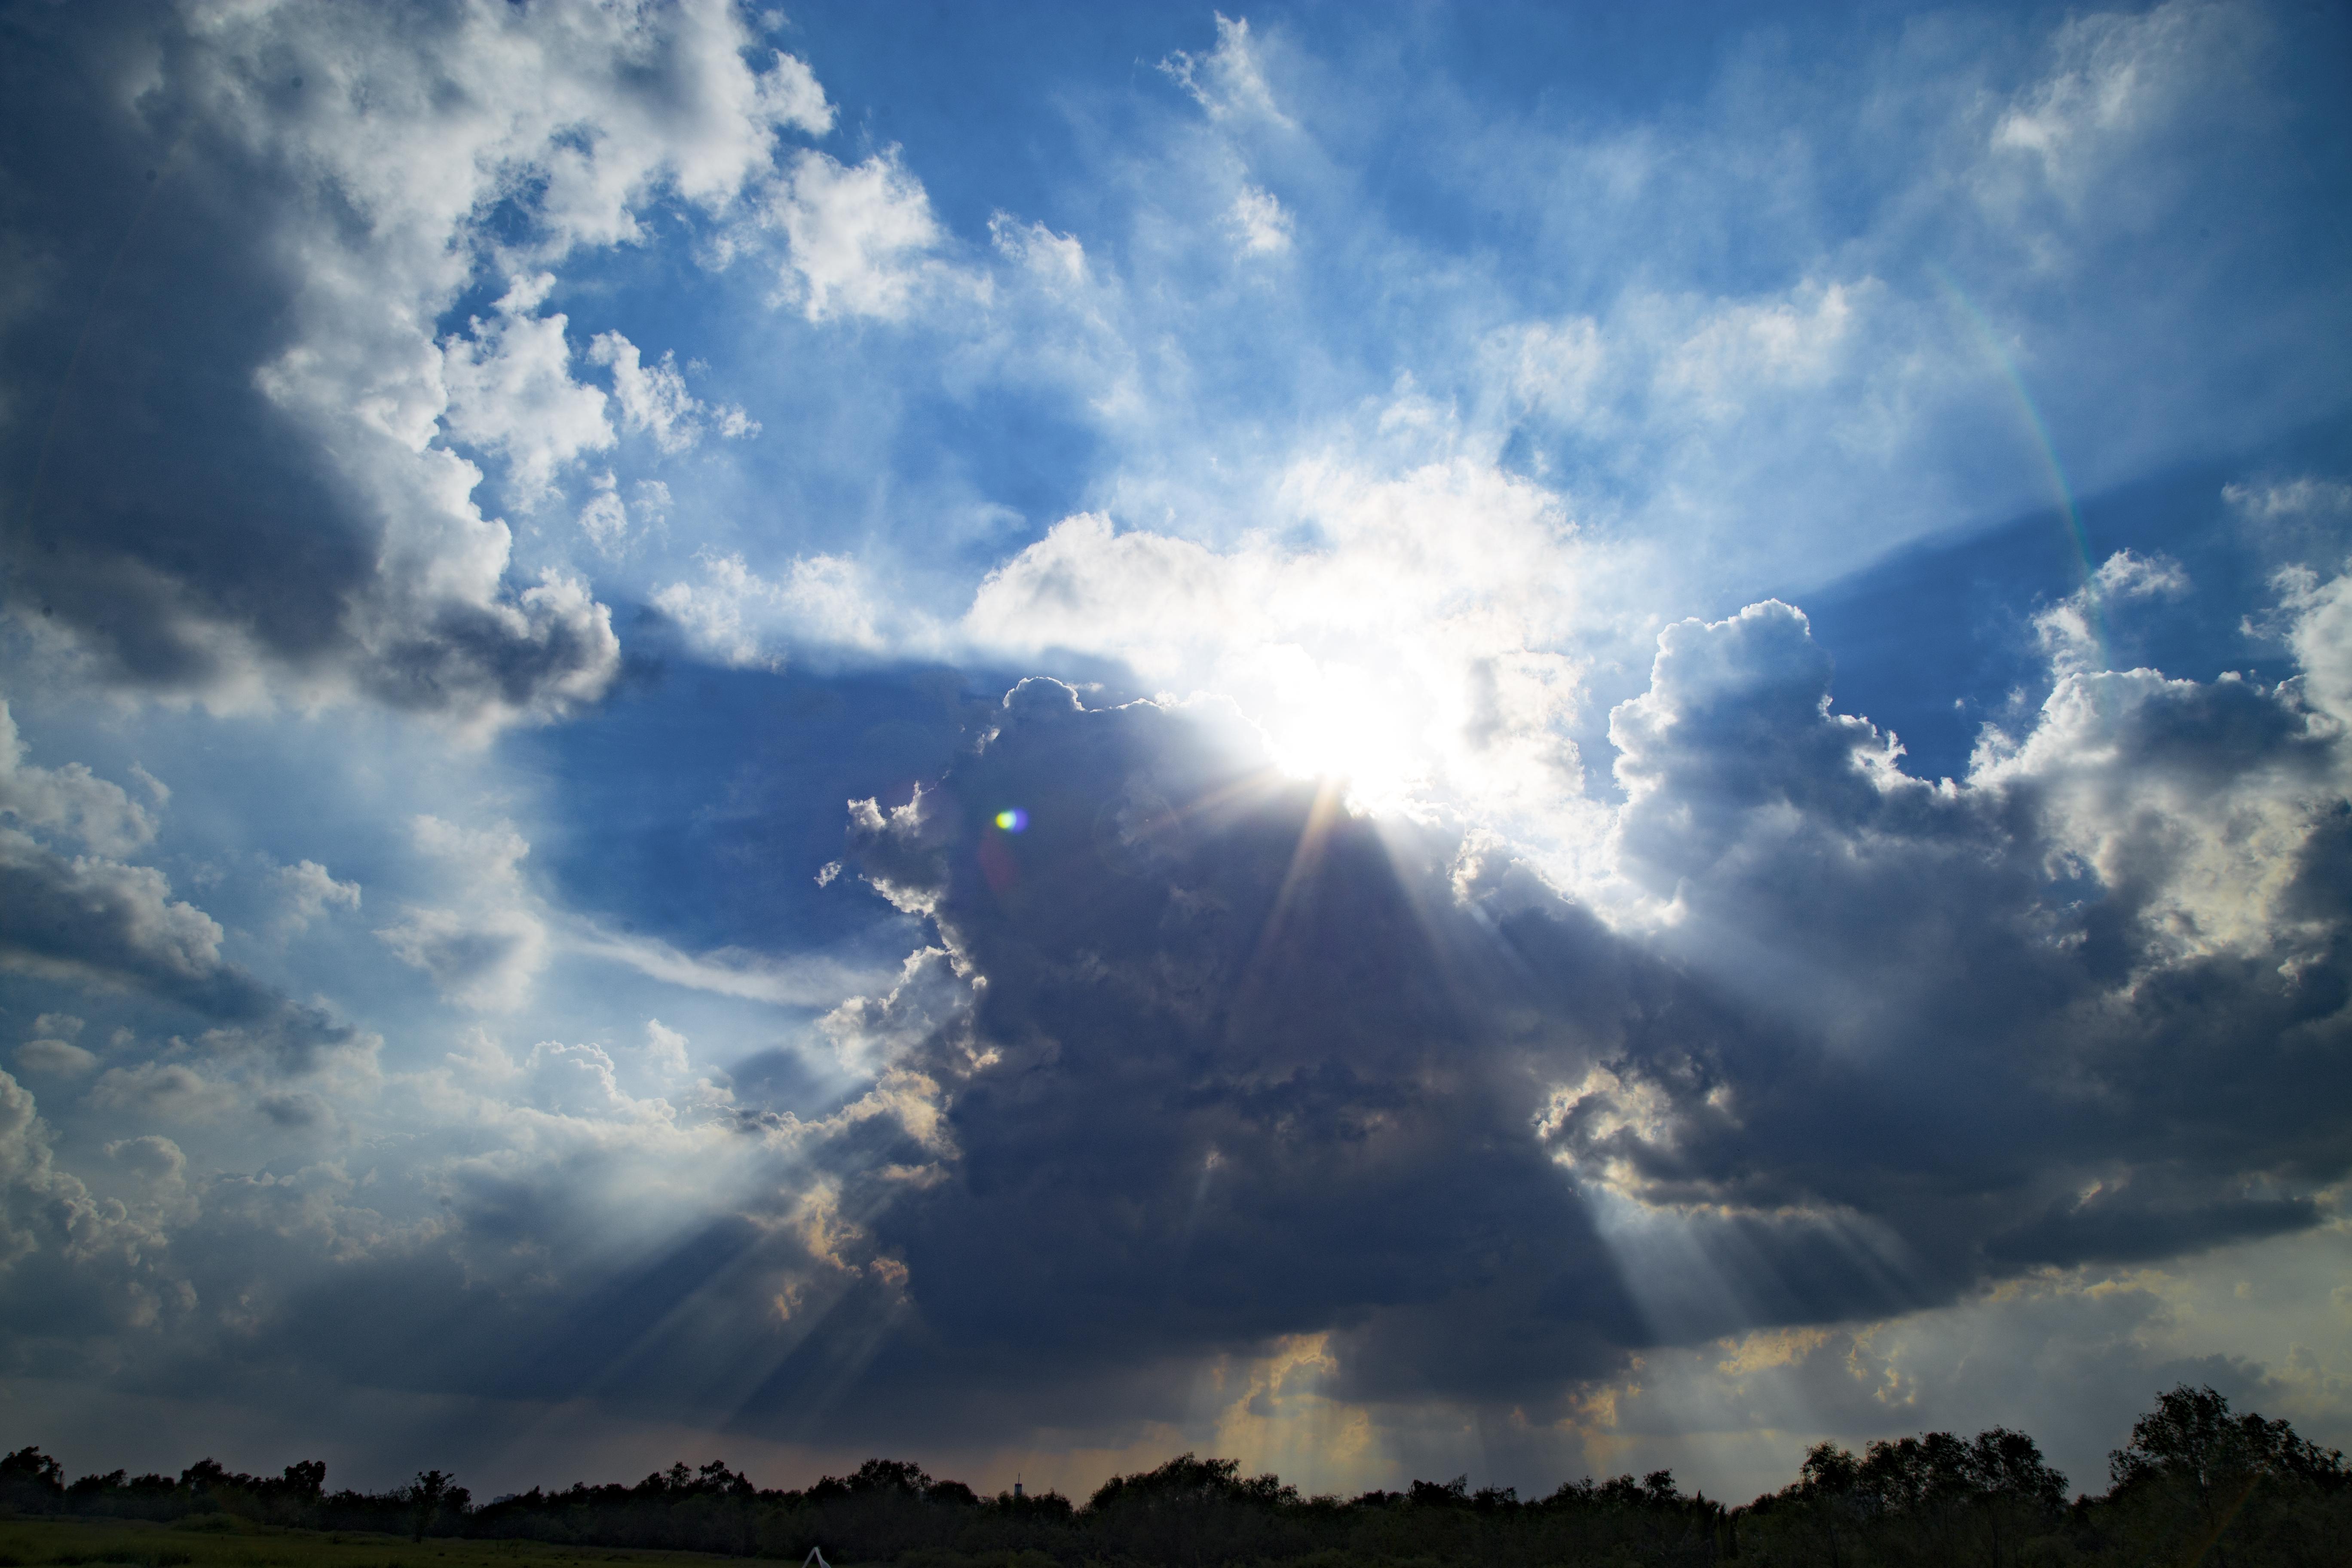 астрометрия комет картинки неба ветра солнца семьями